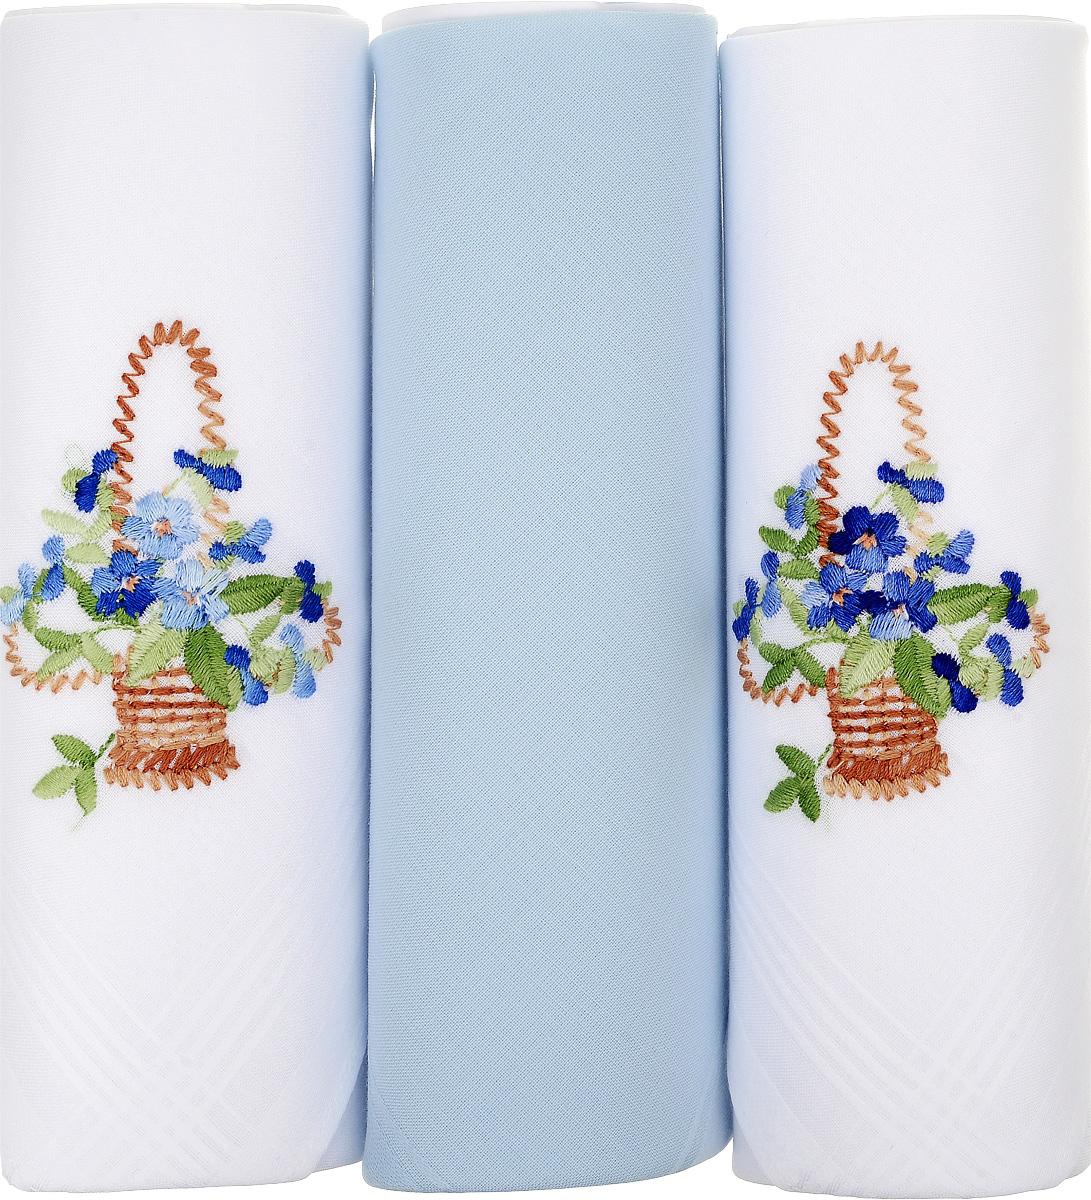 Платок носовой женский Zlata Korunka, цвет: белый, голубой, 3 шт. 25605-4. Размер 30 см х 30 см